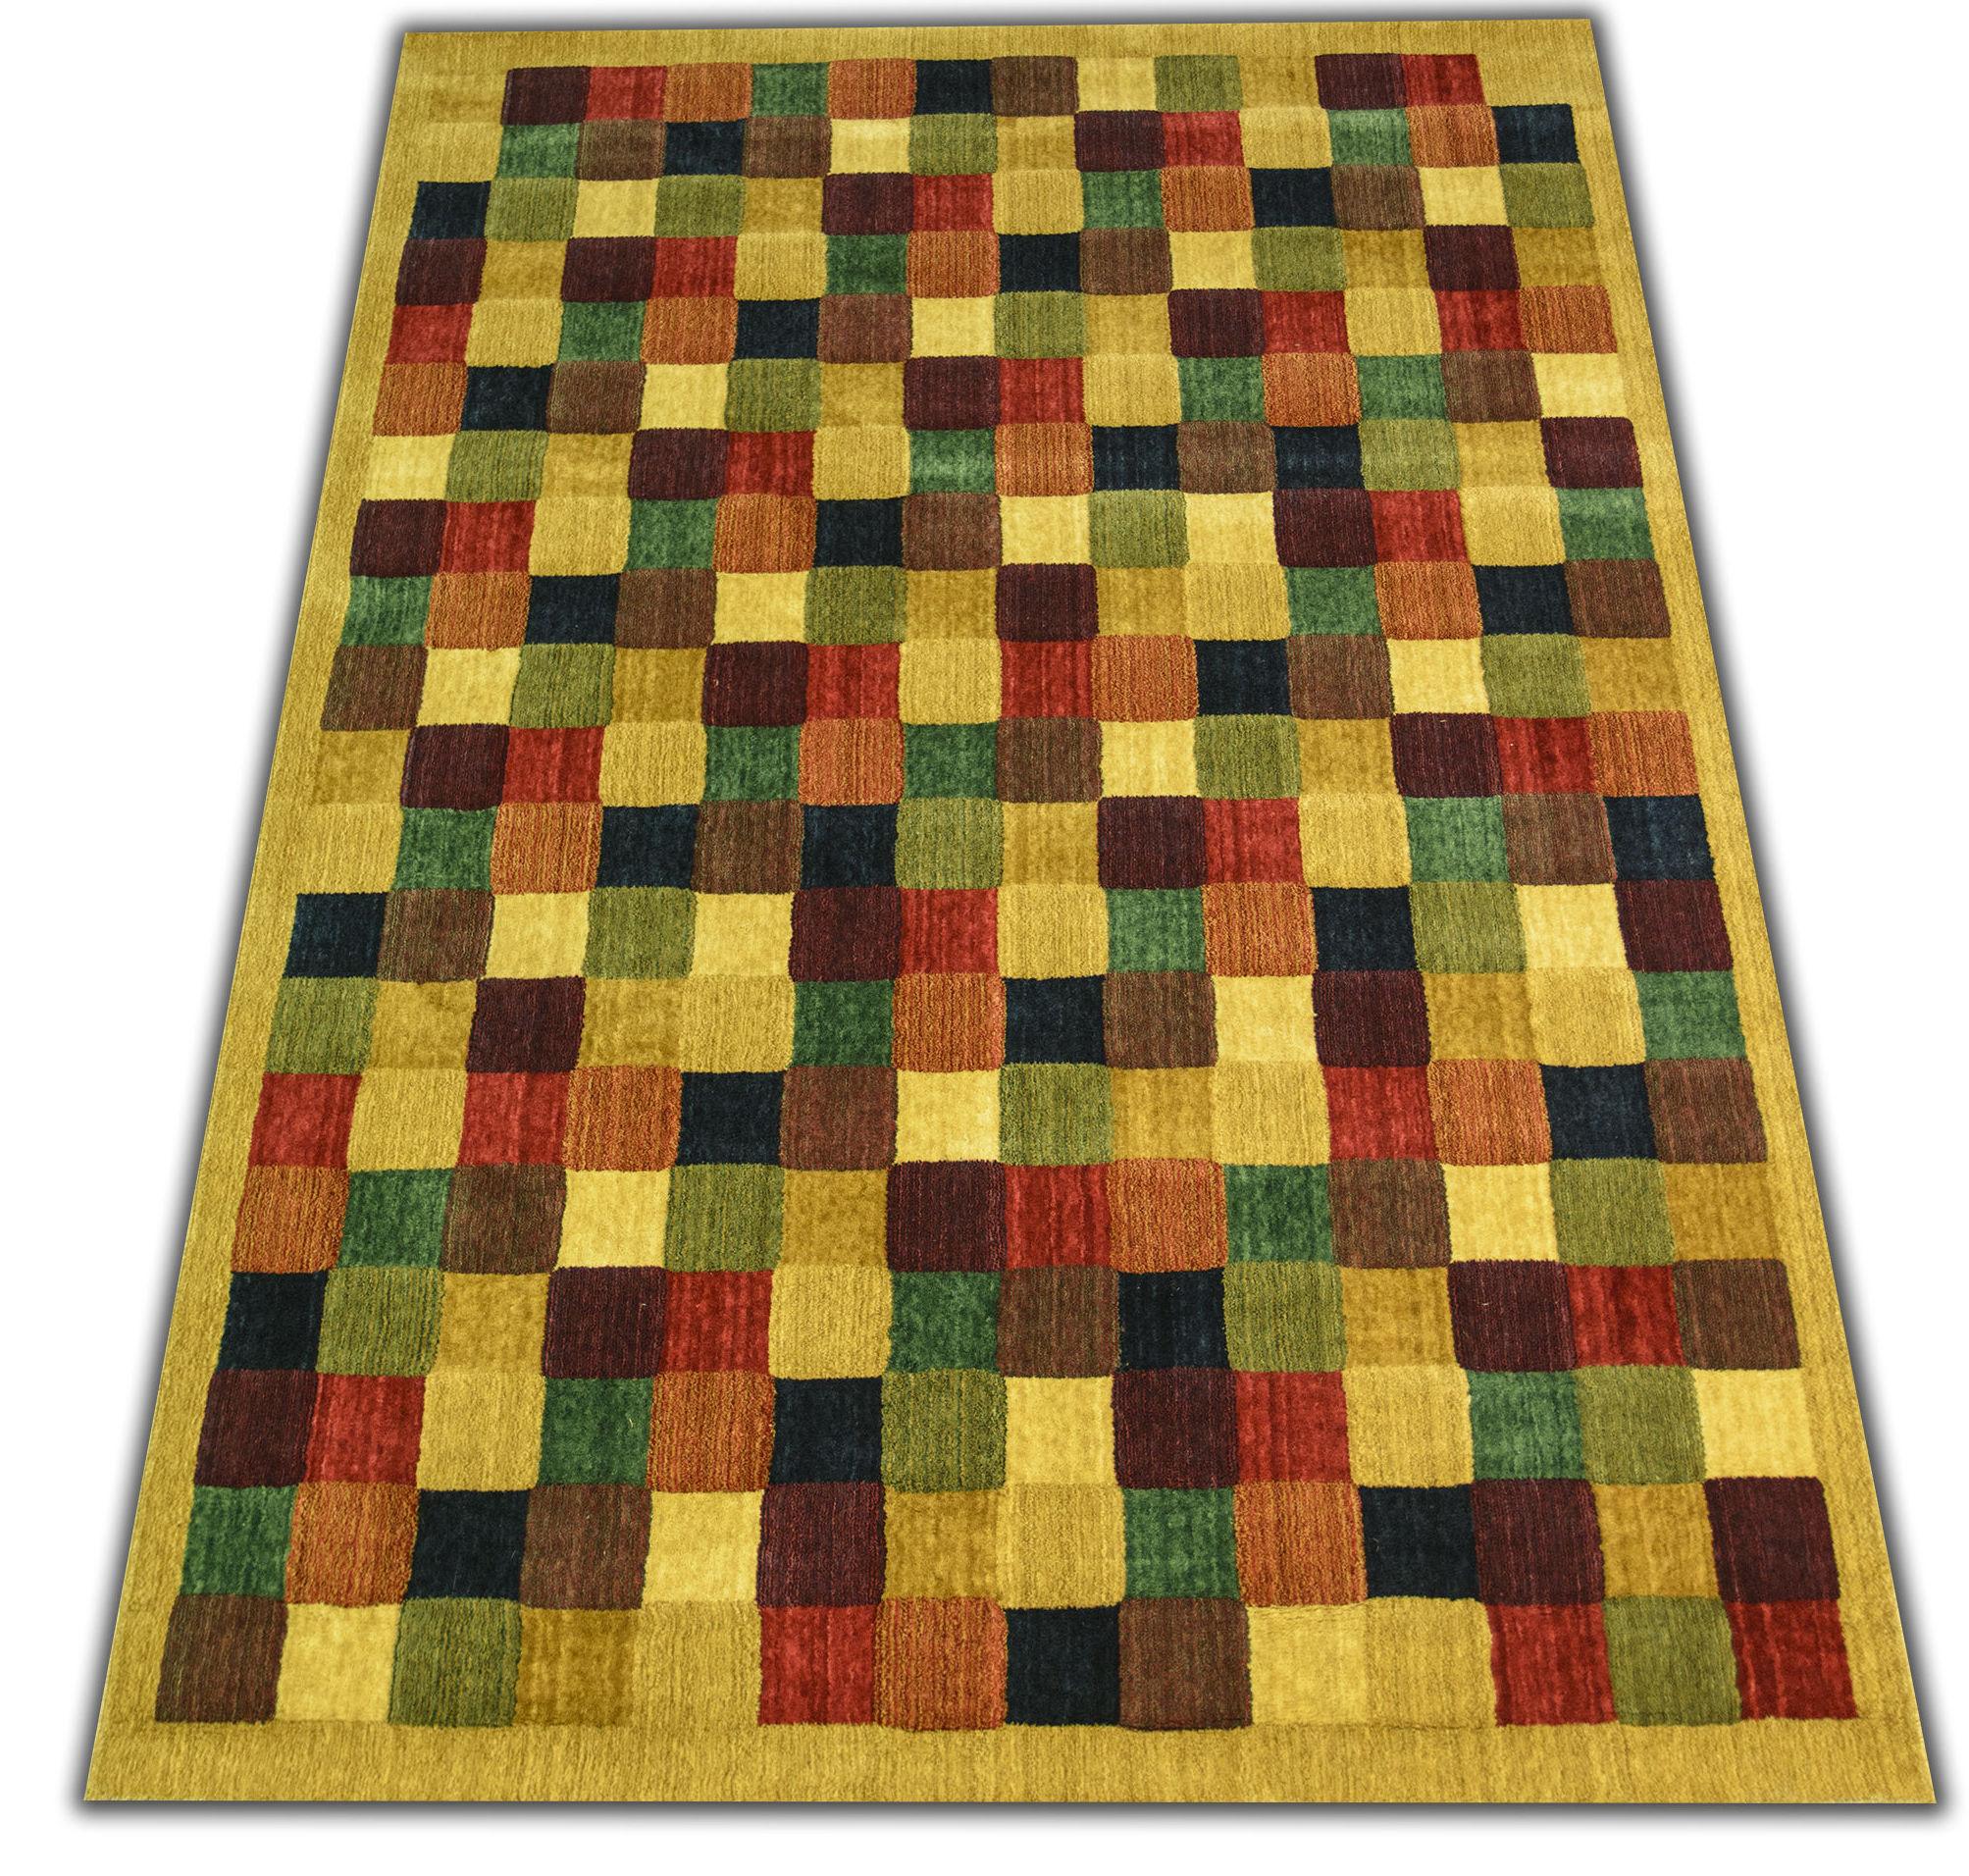 201 beig alfombras 17 18 de f brica de alfombras - Fabricantes de alfombras ...